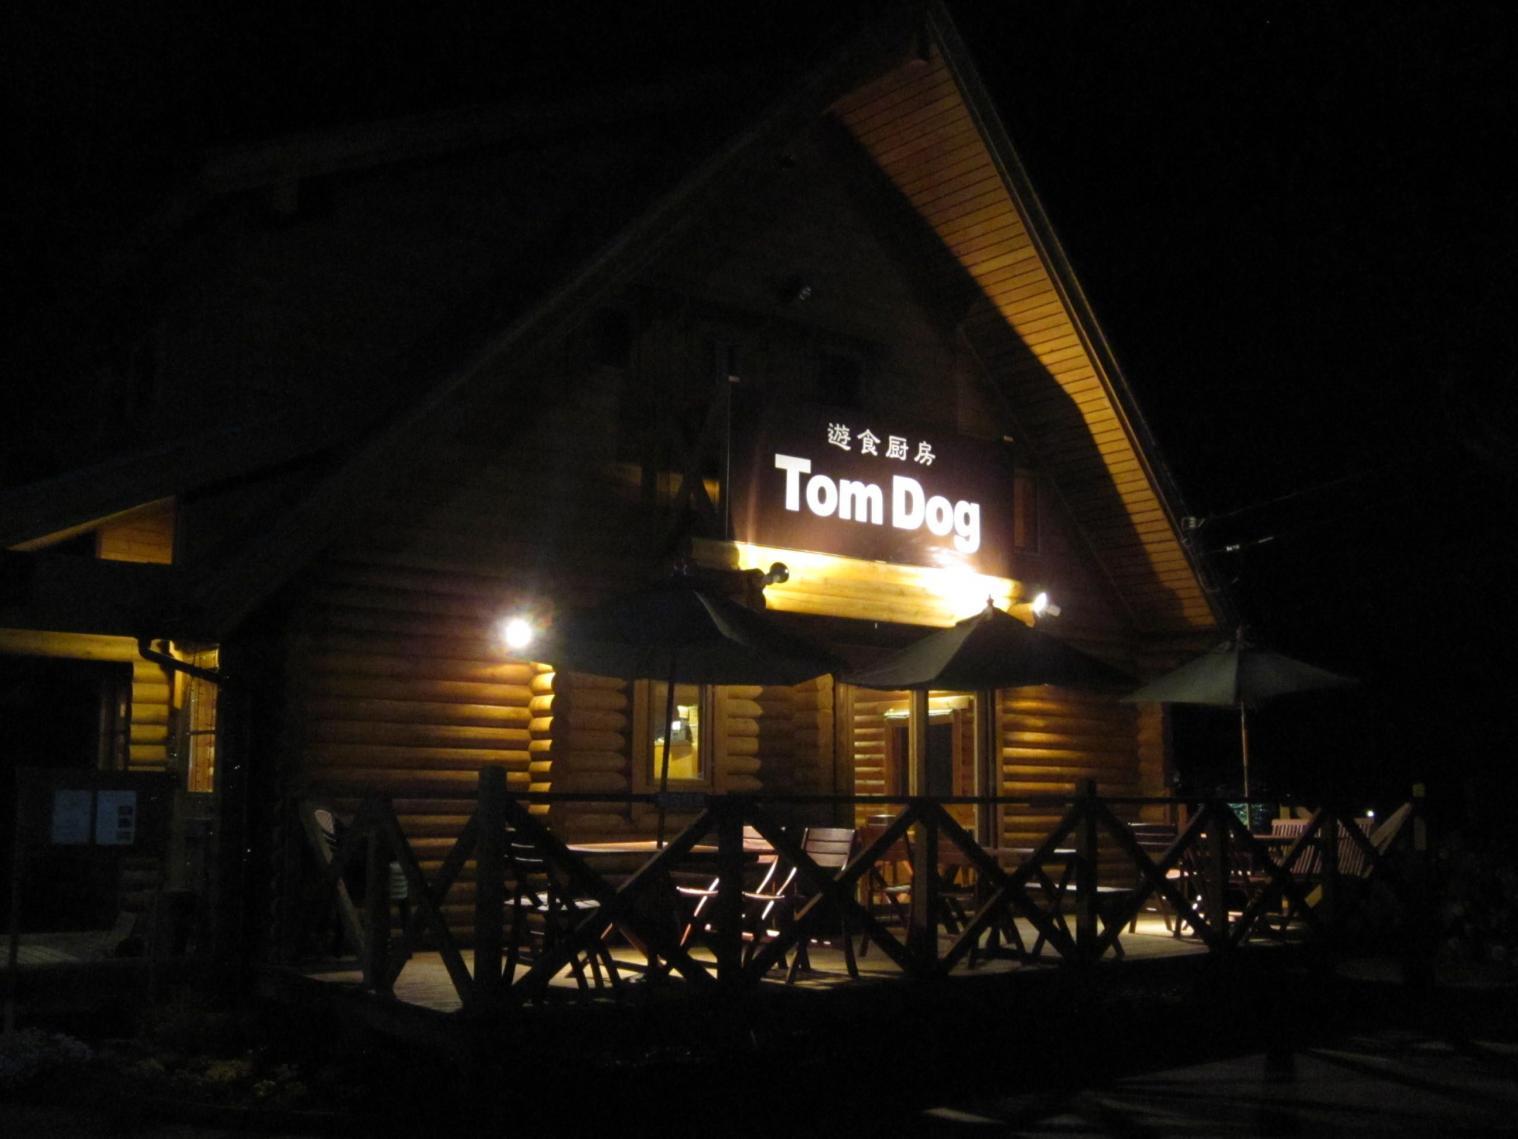 遊食厨房 Tom Dog-3